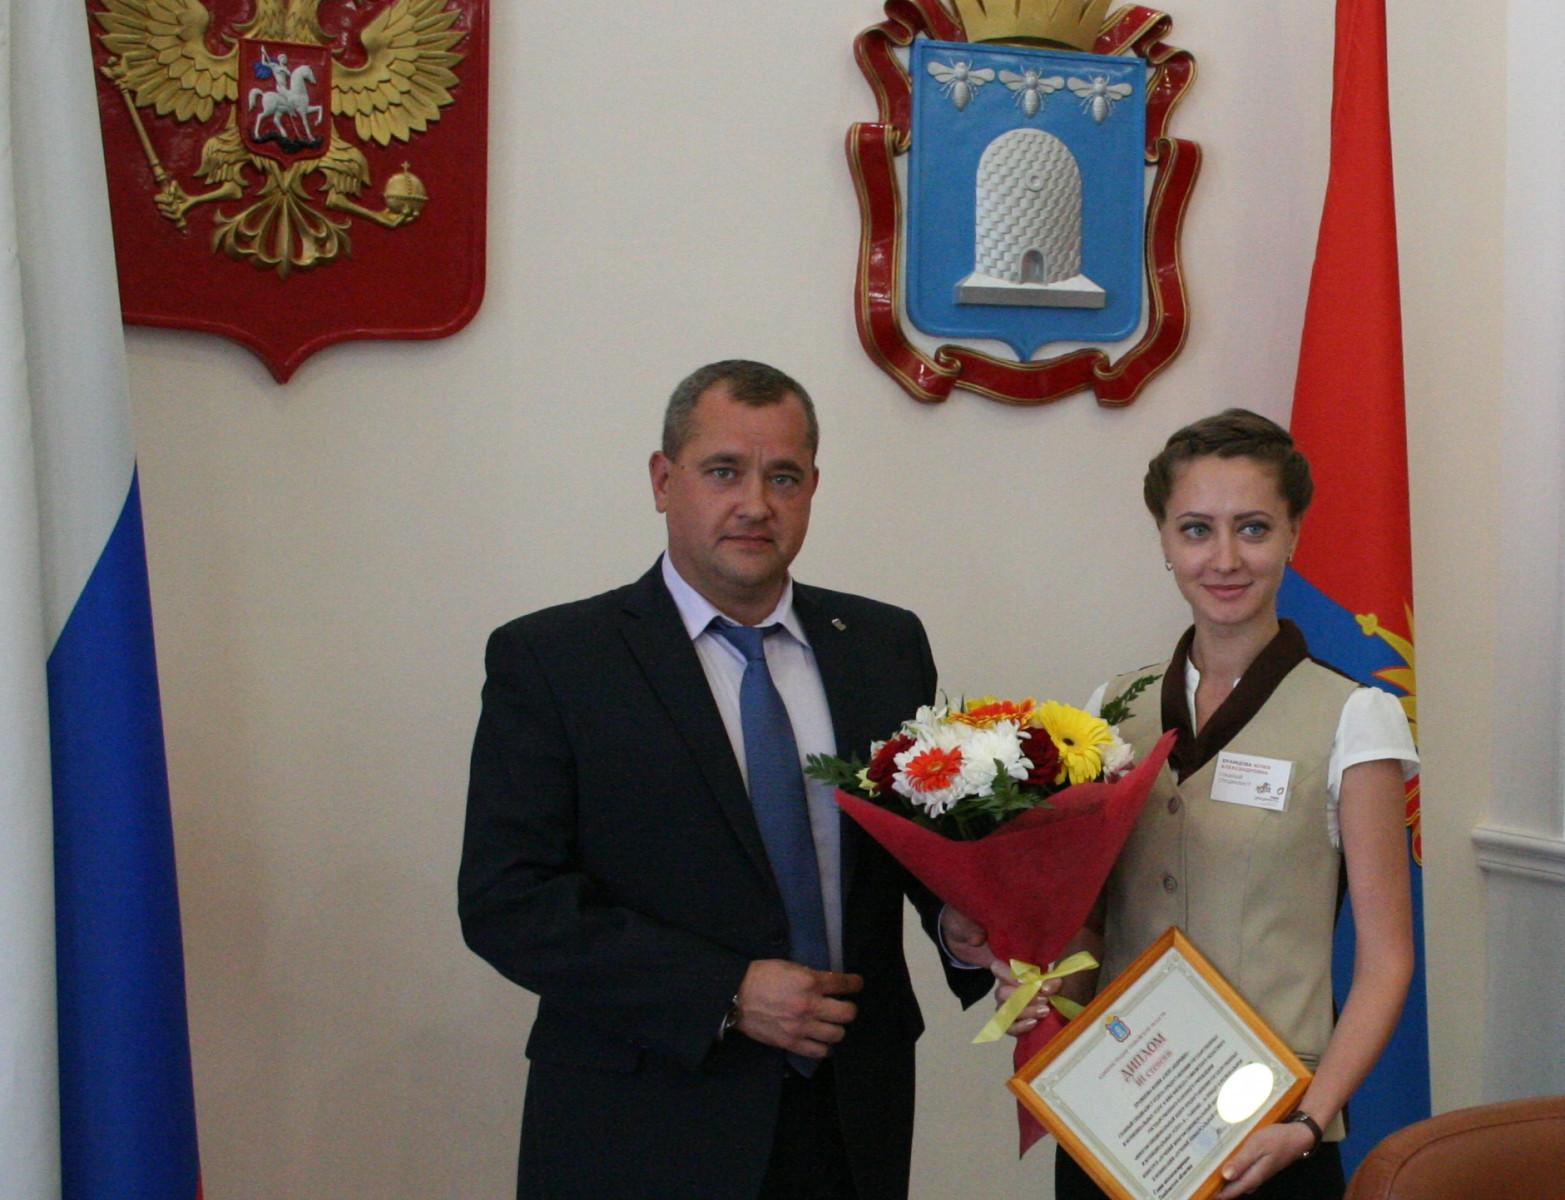 Первый вице-губернатор Олег Иванов наградил победителей конкурса «Лучший многофункциональный центр Тамбовской области» 2017 года